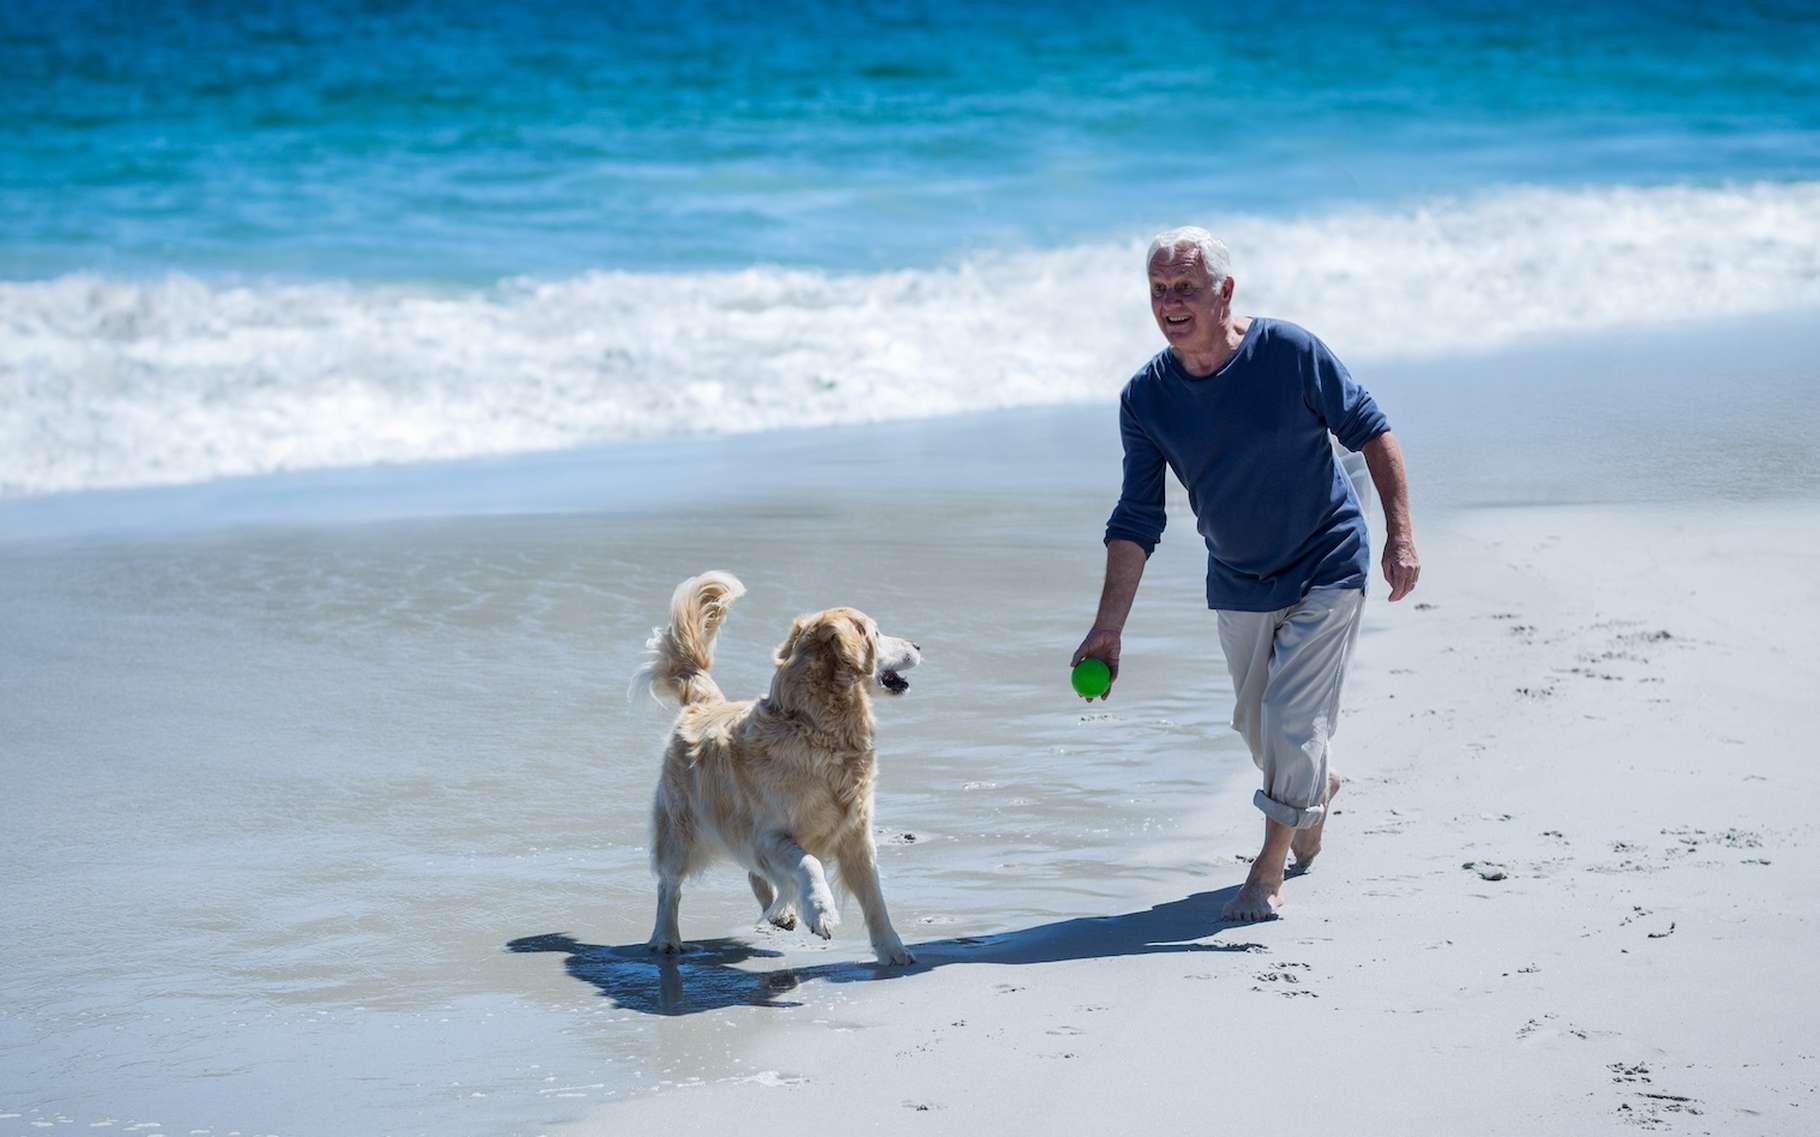 L'amour du chien est inconditionnel, a-t-on l'habitude de dire. Mais, attention parce que si vous mentez à votre chien — au moment de lui lancer sa balle qu'il aime tant, par exemple —, il finira par le comprendre. Et il pourrait alors bien perdre confiance en vous. Pas si bête, le chien… © WavebreakMediaMicro, Adobe Stock